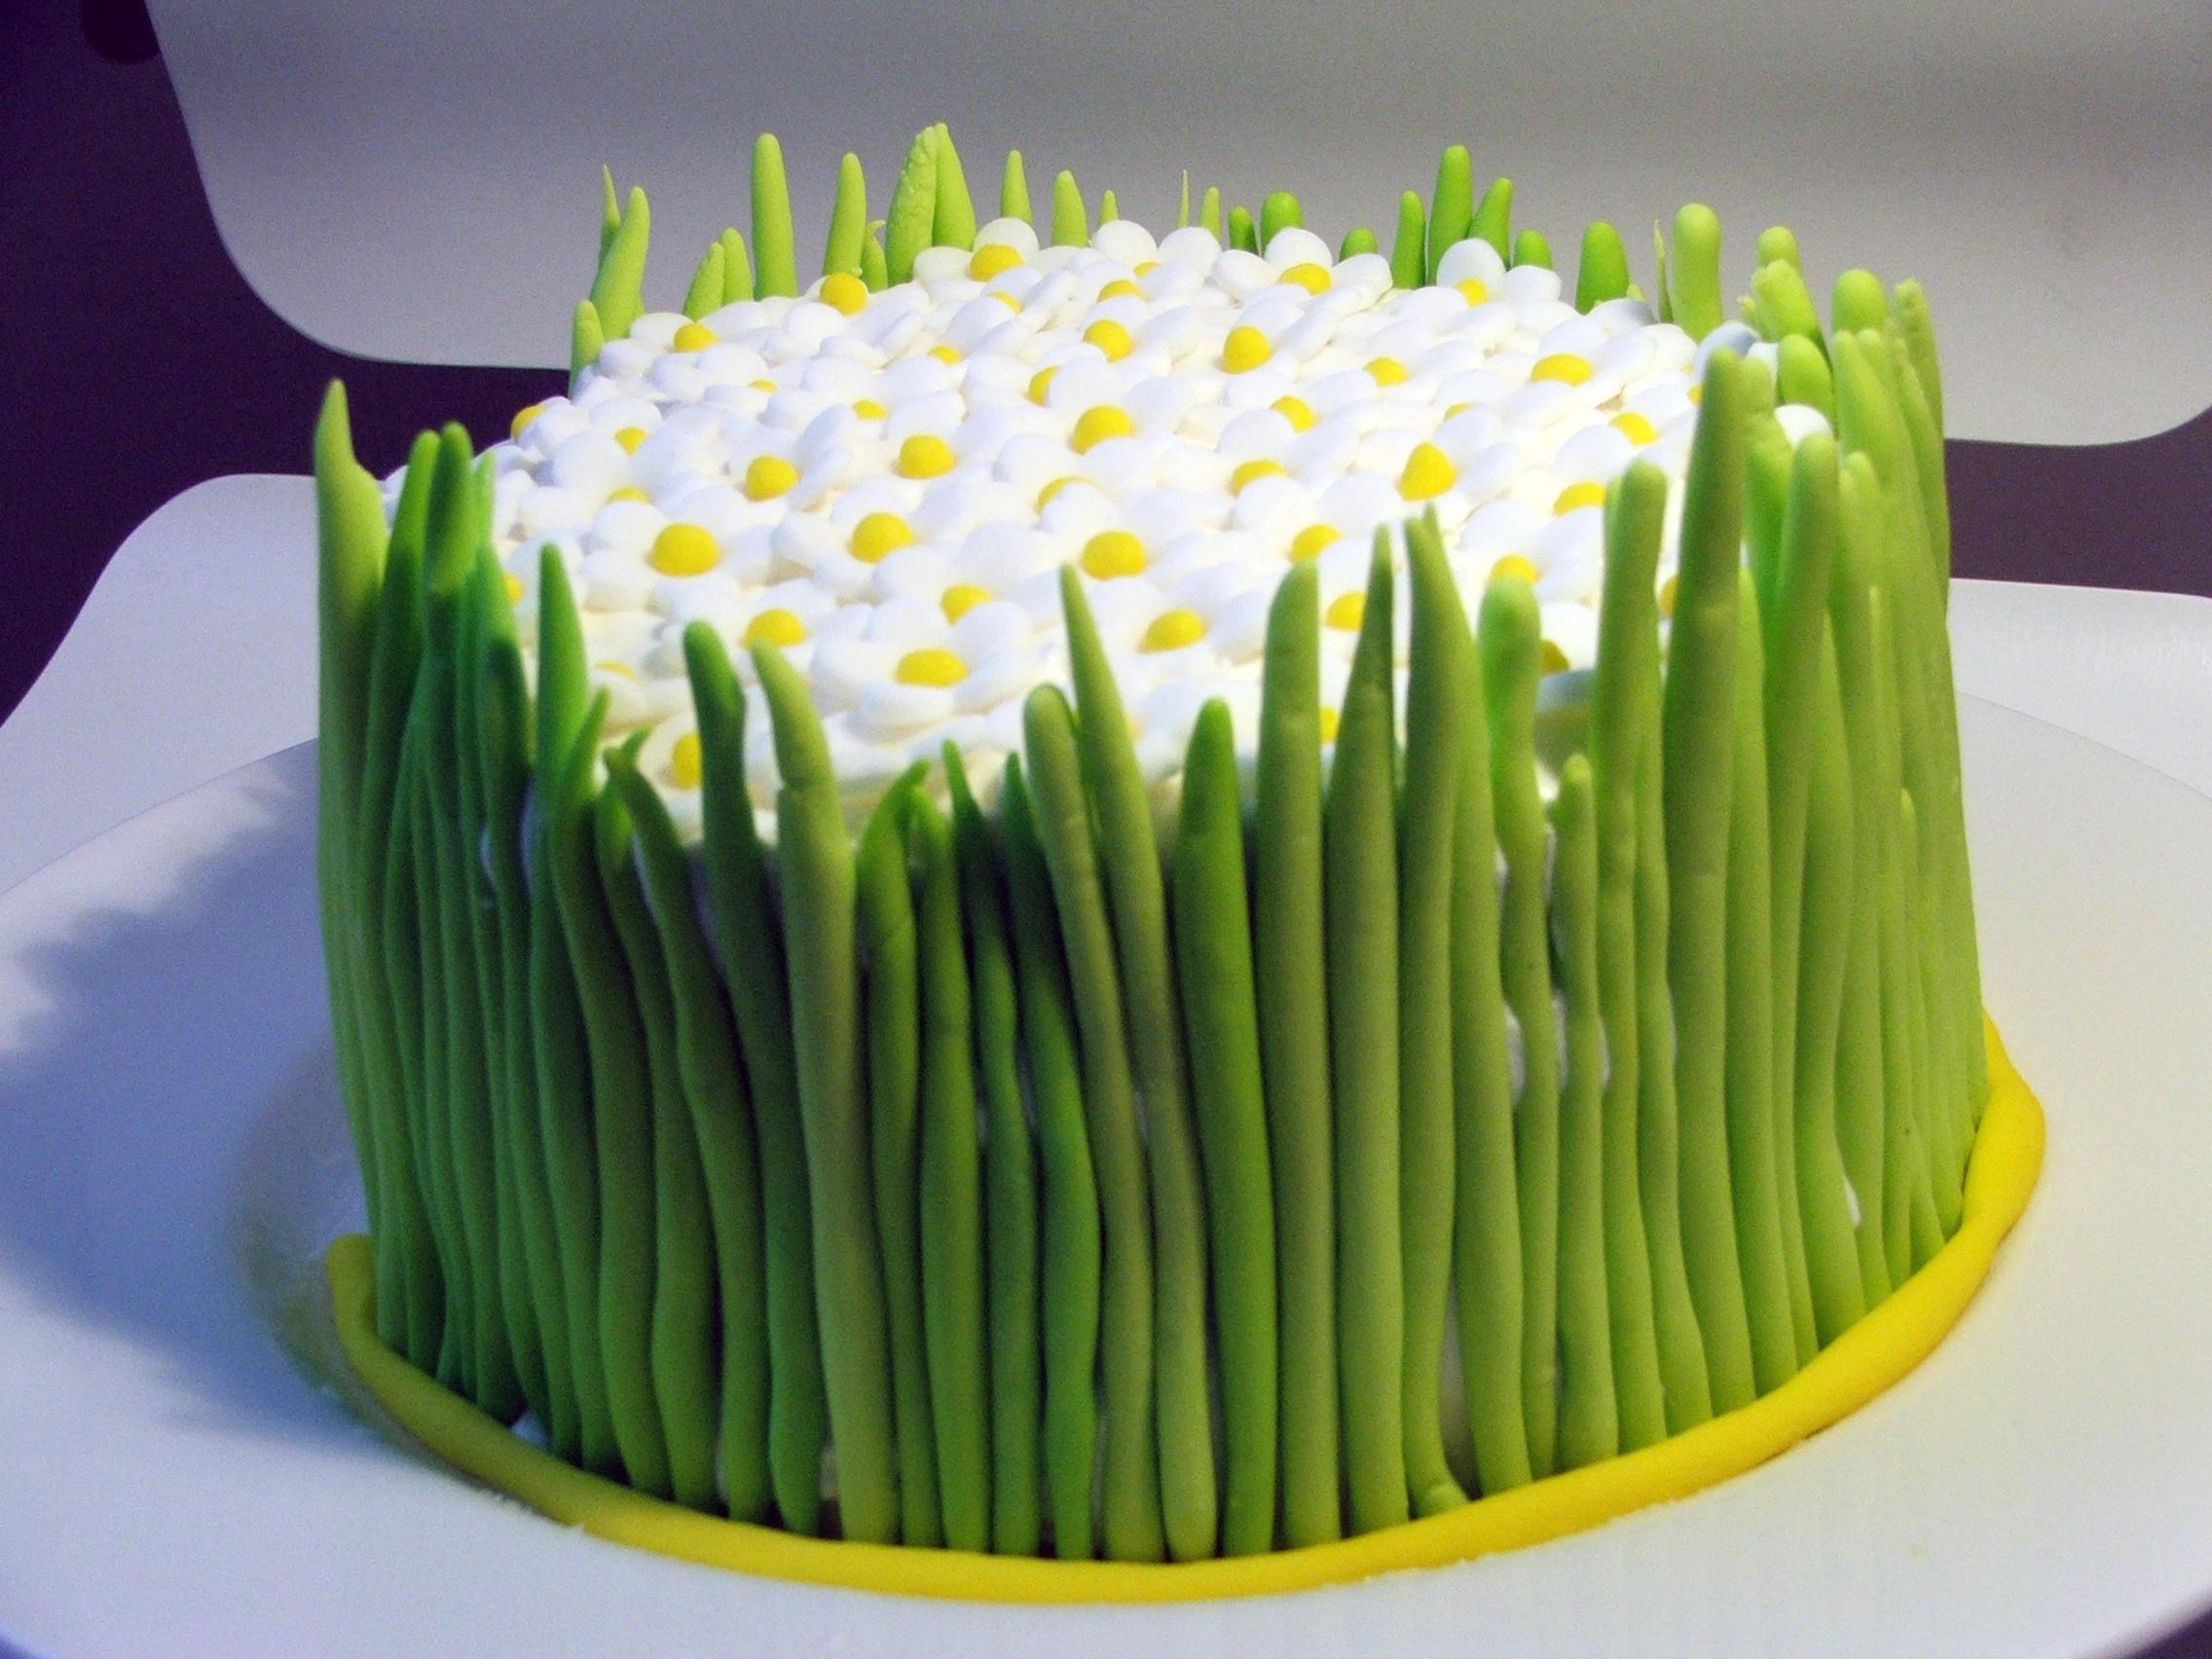 Как украсить торт мастикой: пошаговые инструкции, фото, видео и 78